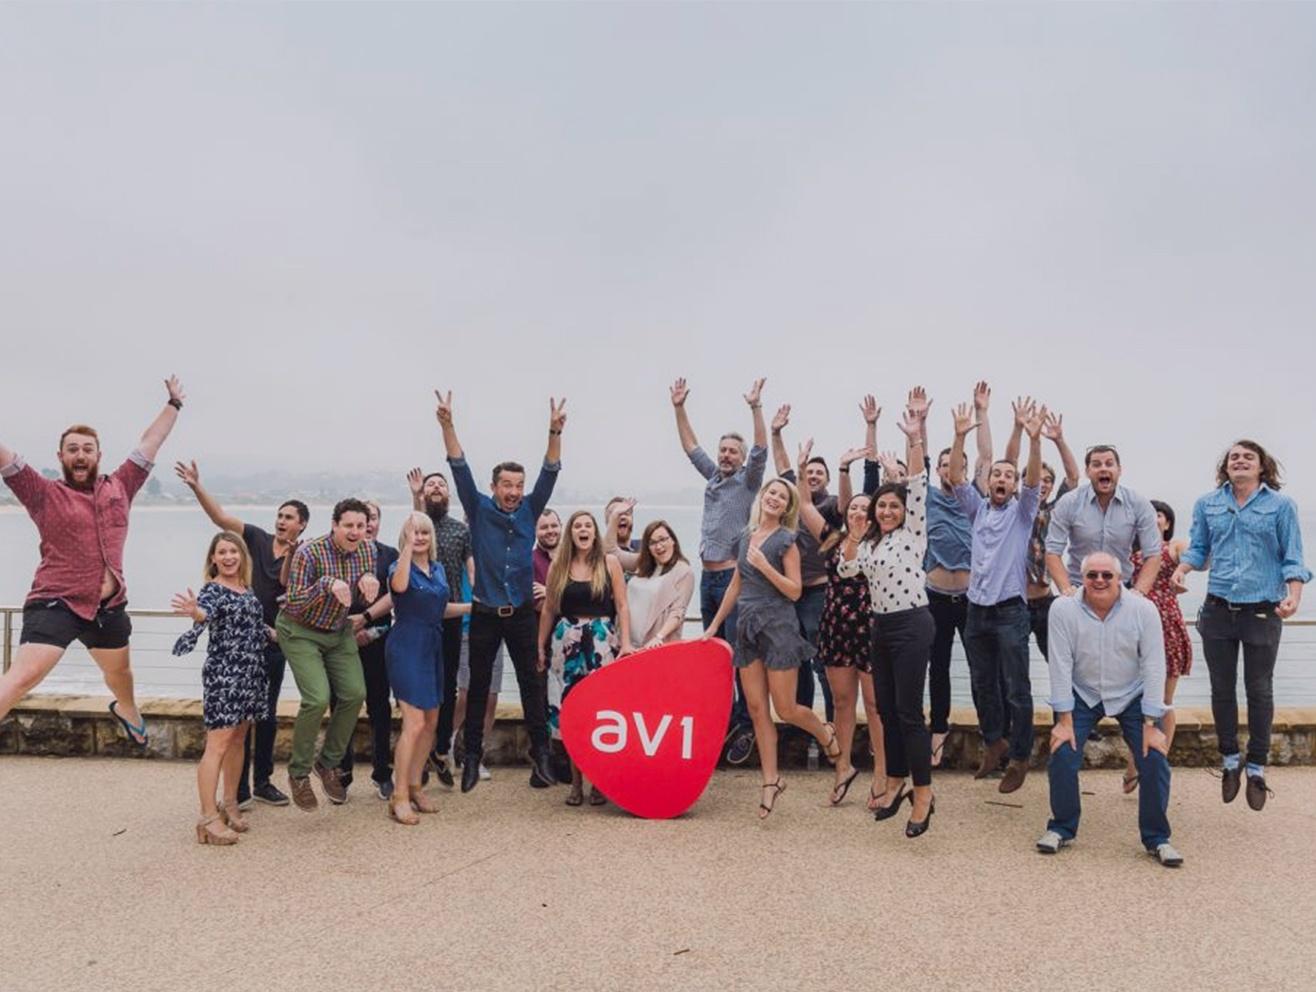 The AV1 team